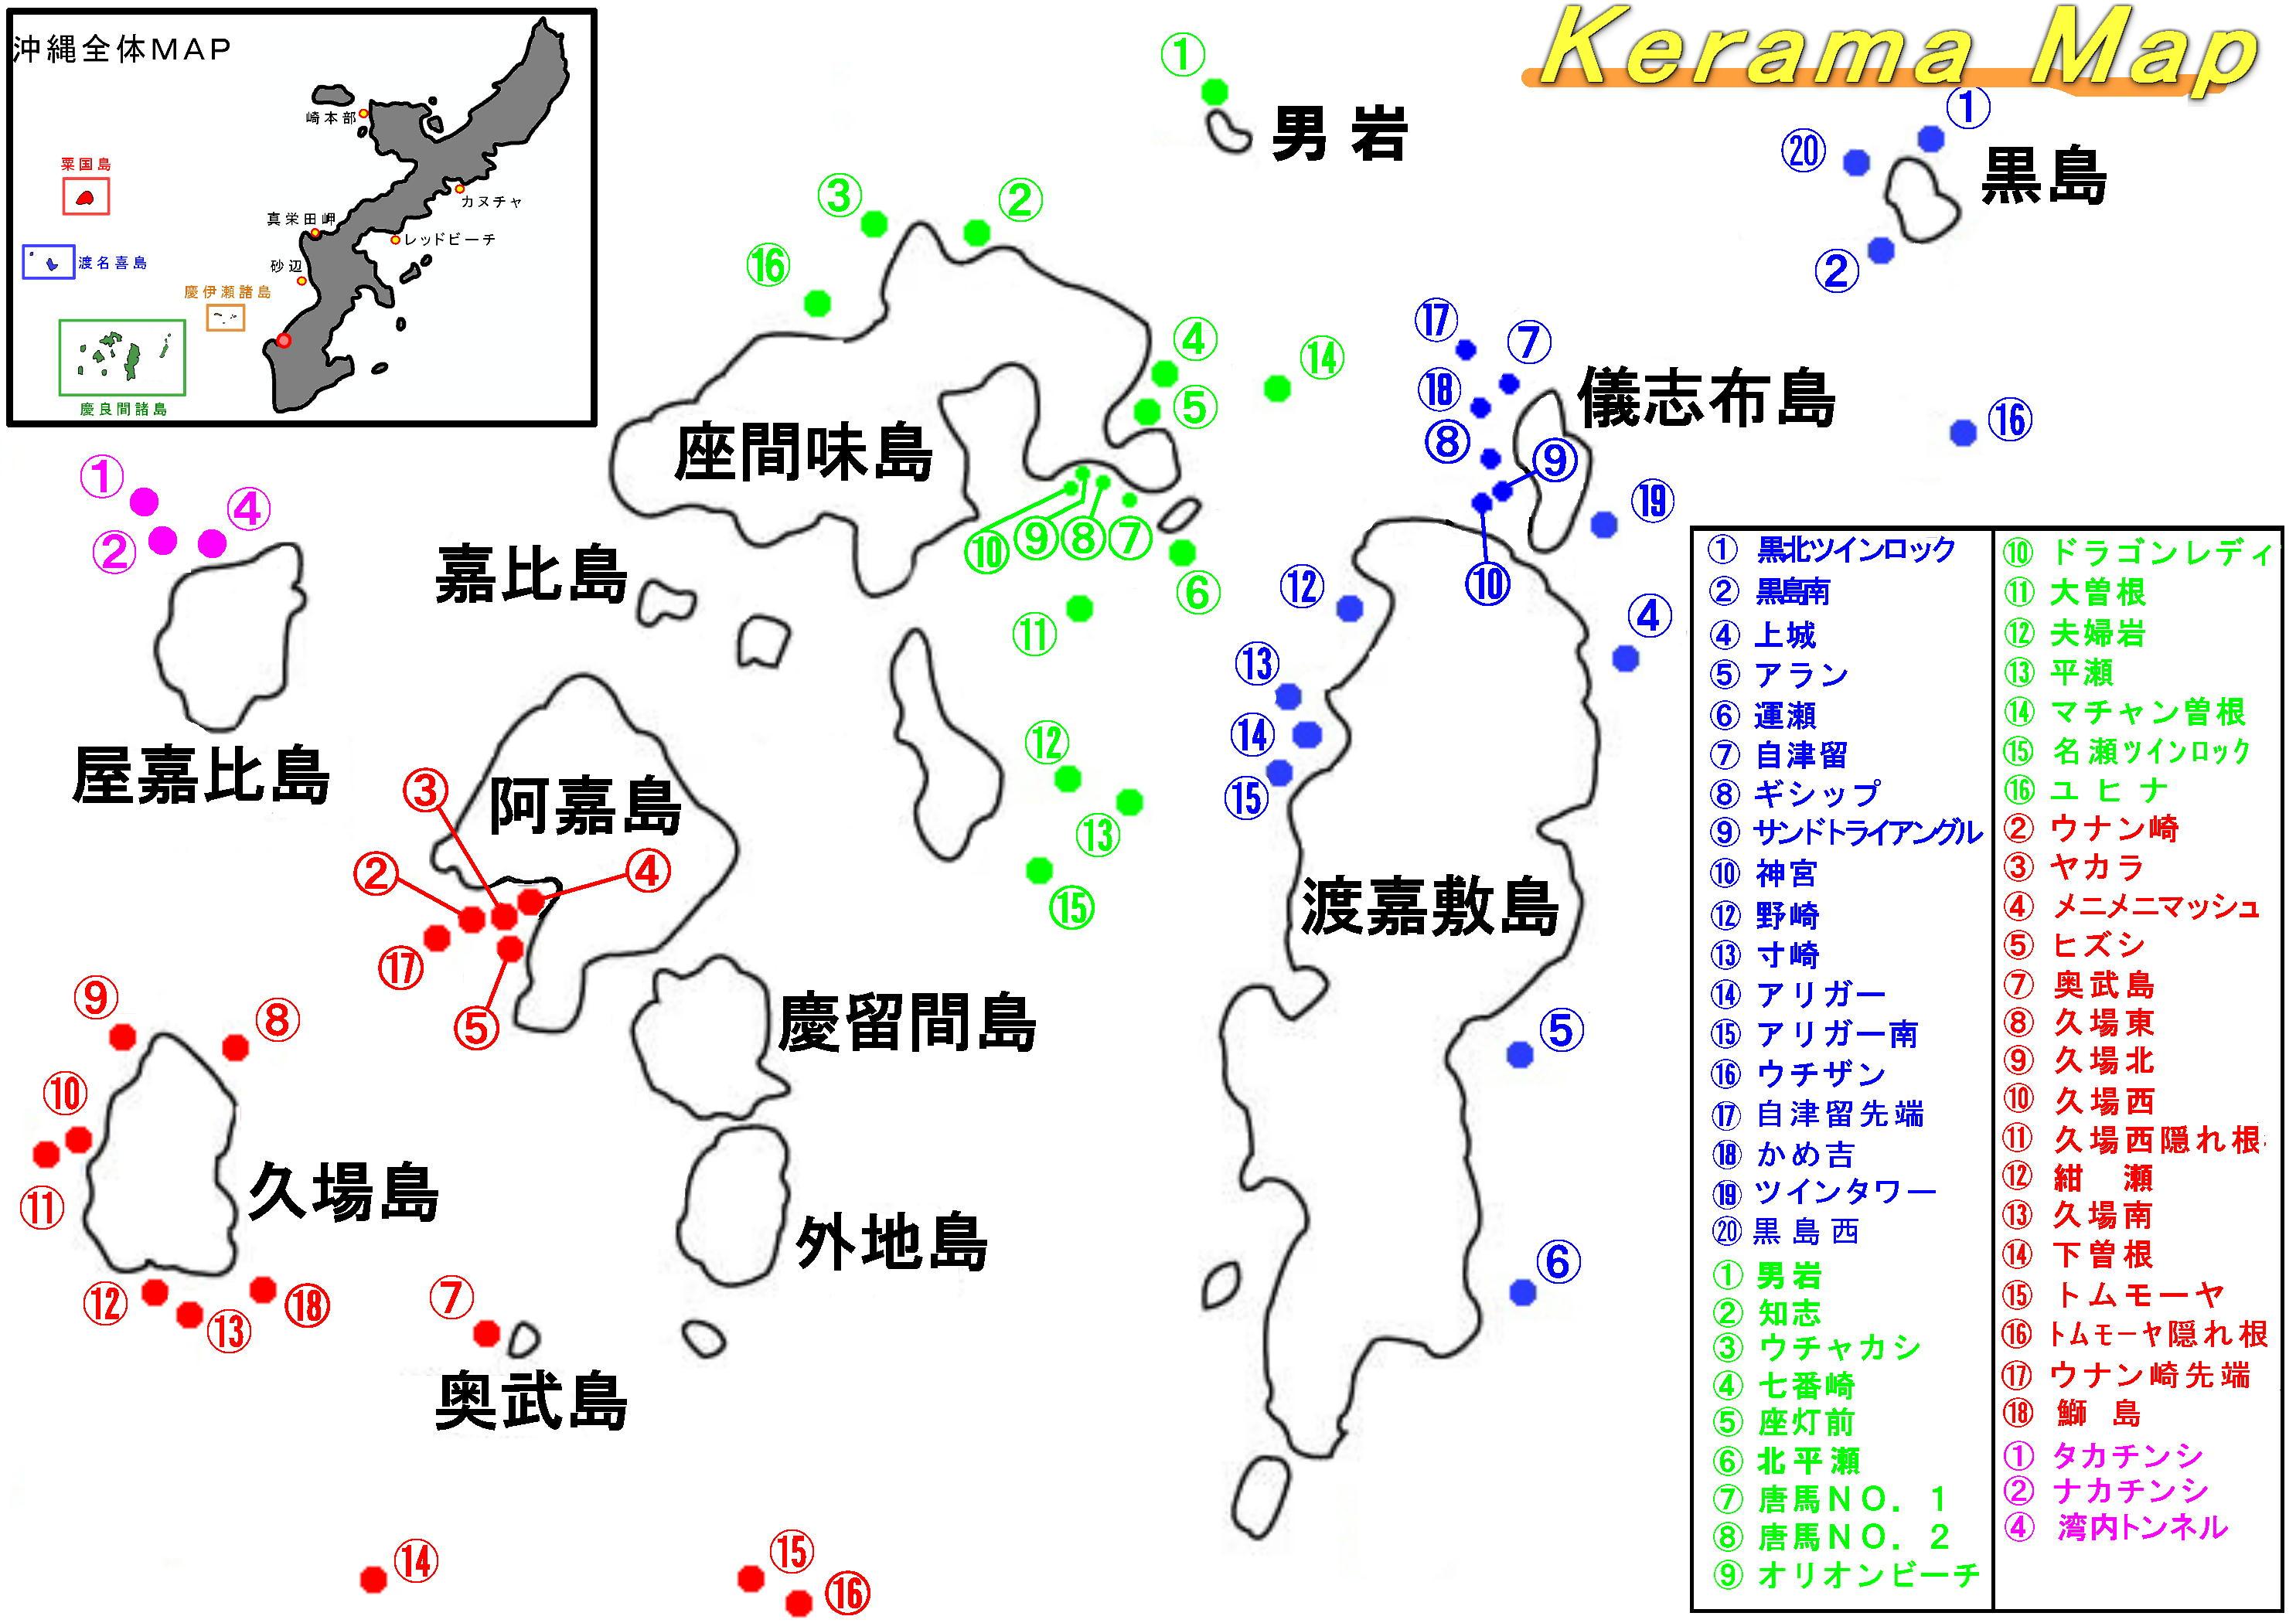 kerama point map